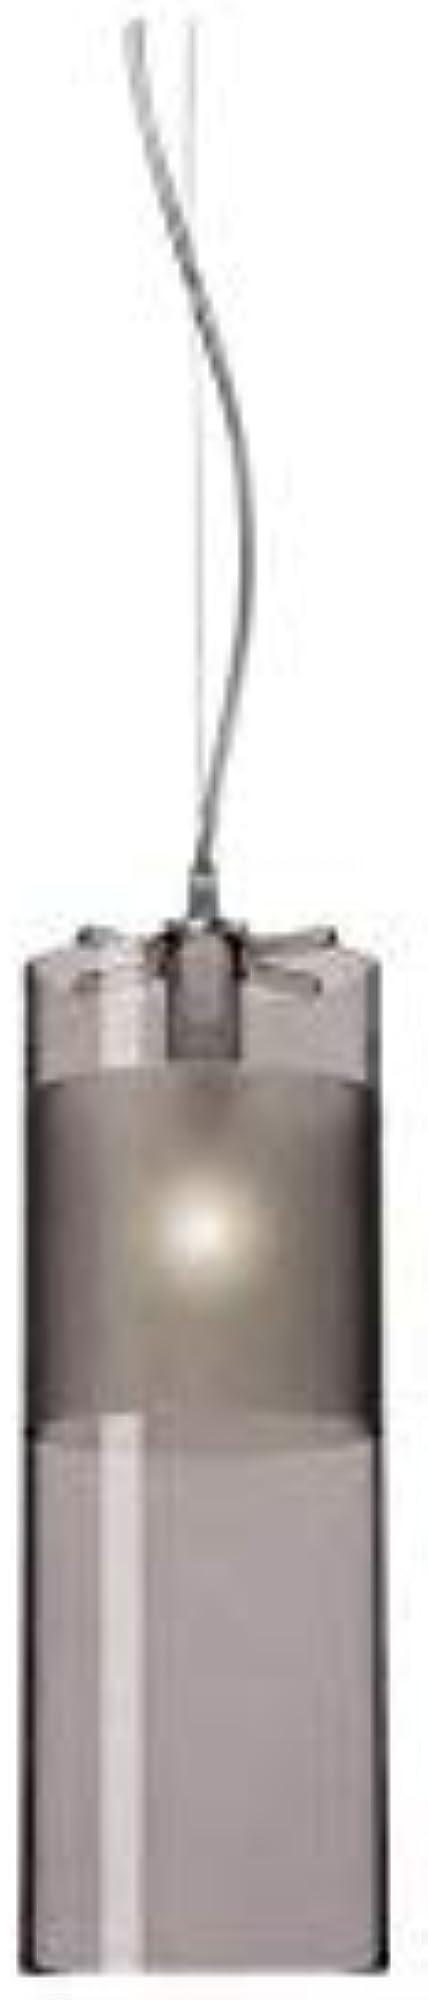 Kartell easy, lampada a sospensione 09010W1